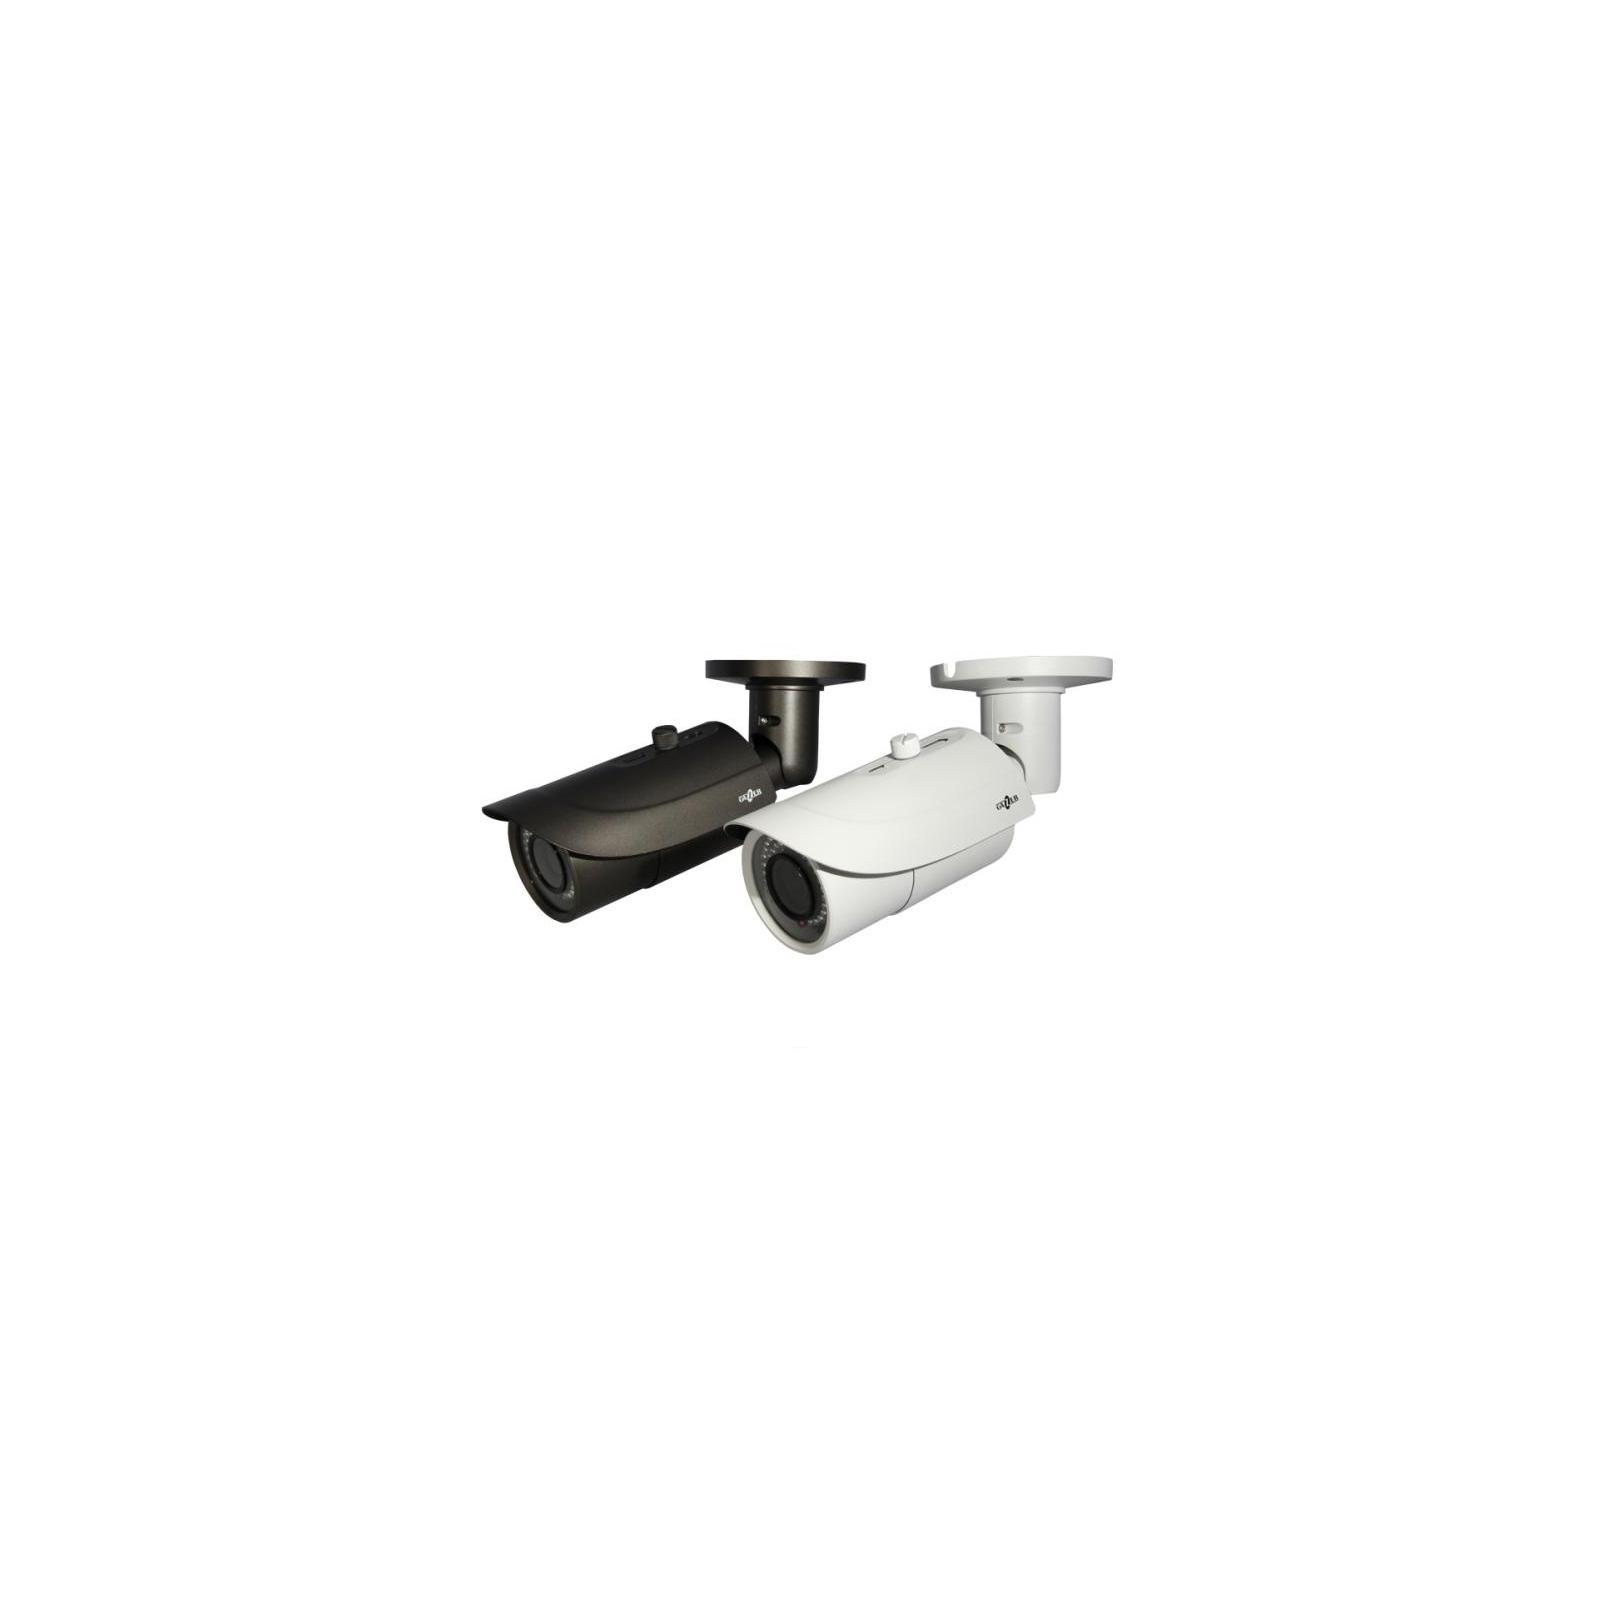 Камера видеонаблюдения Gazer SVC CI212 (CI212) изображение 2